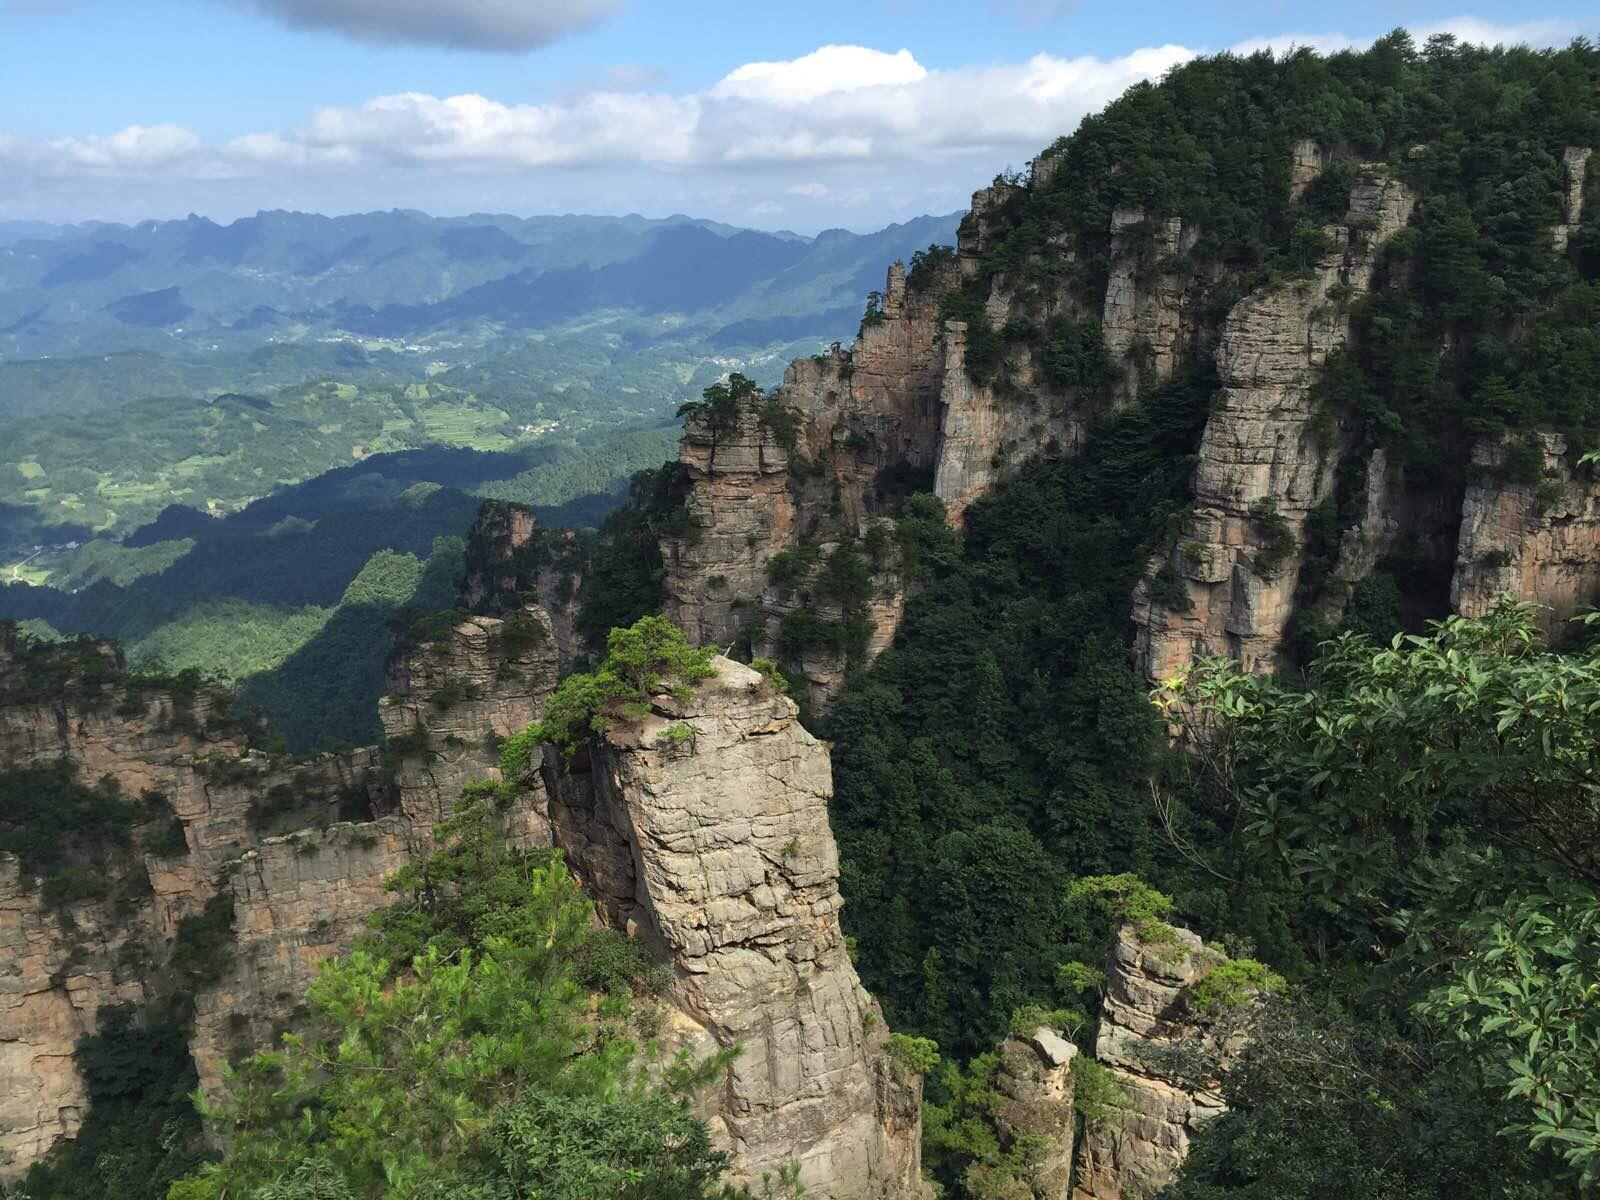 近处悬崖风景图片